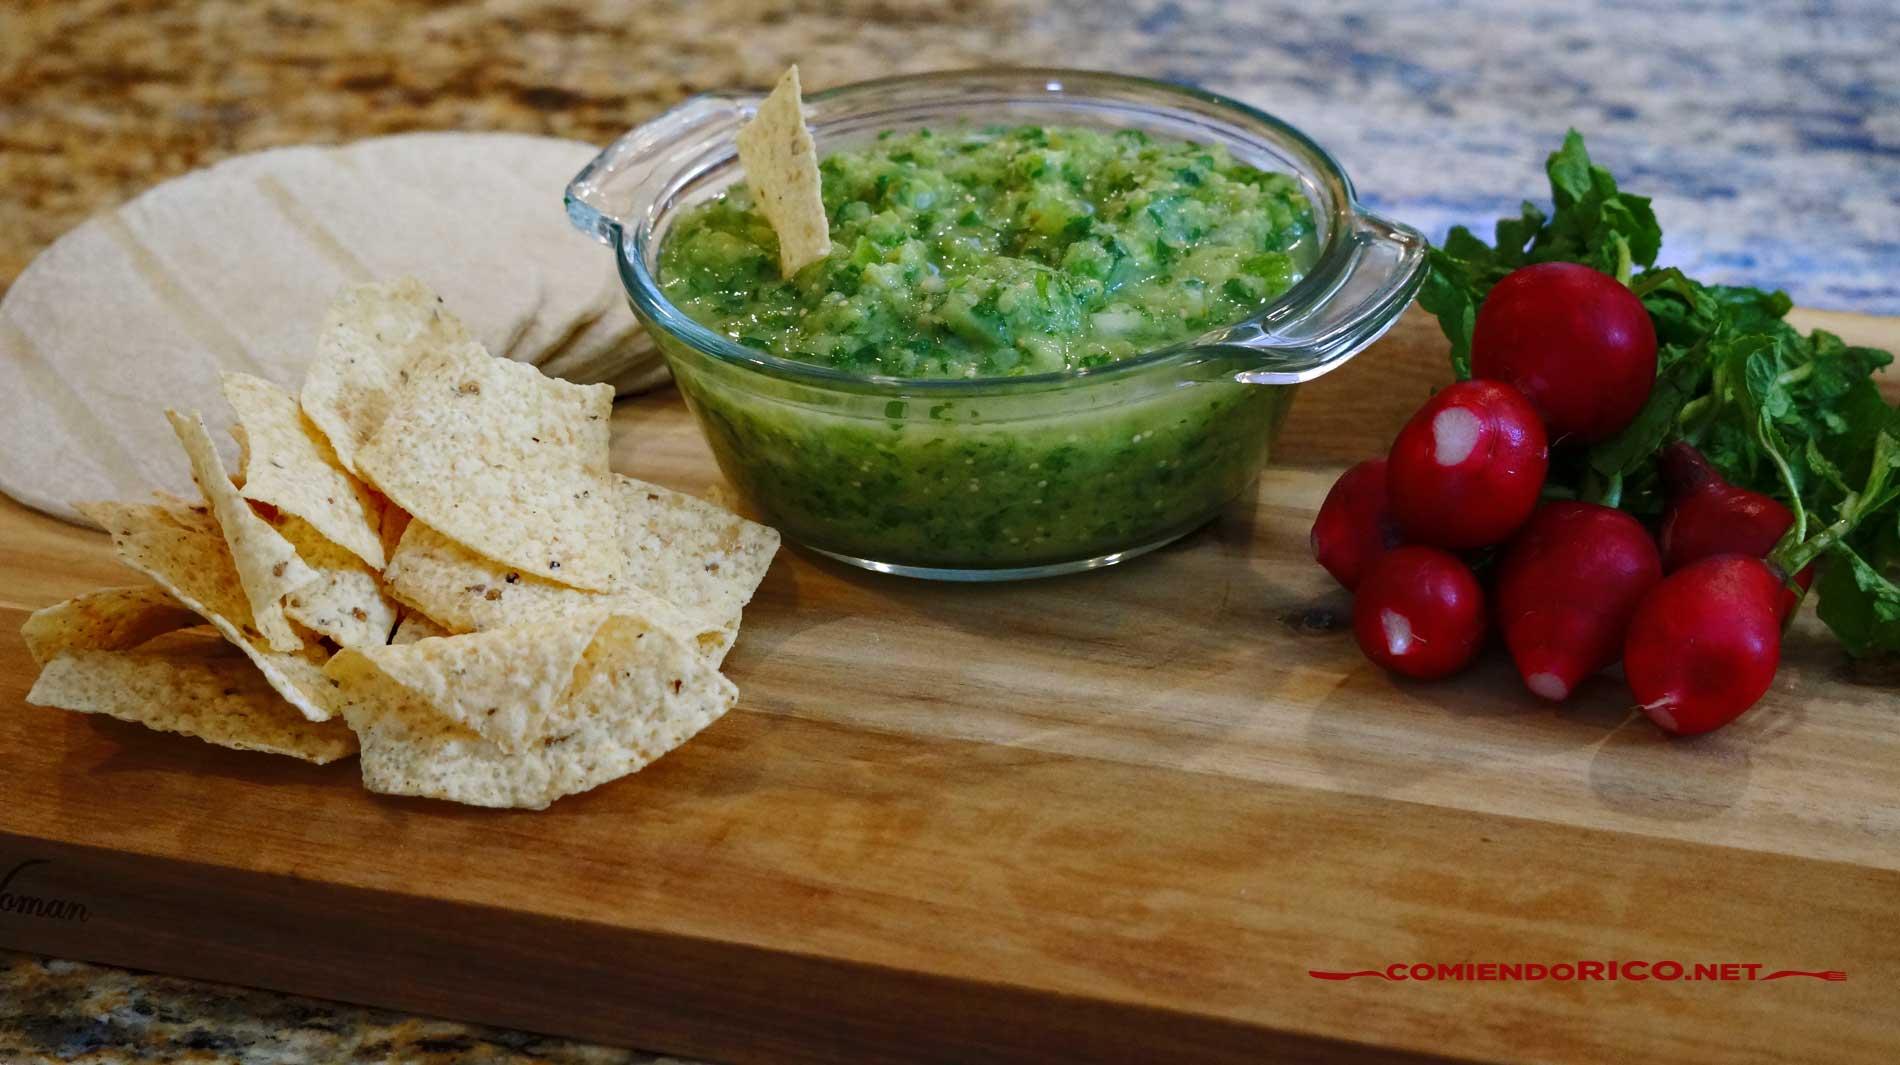 Salsa verde, comiendo rico, recetas de cocina